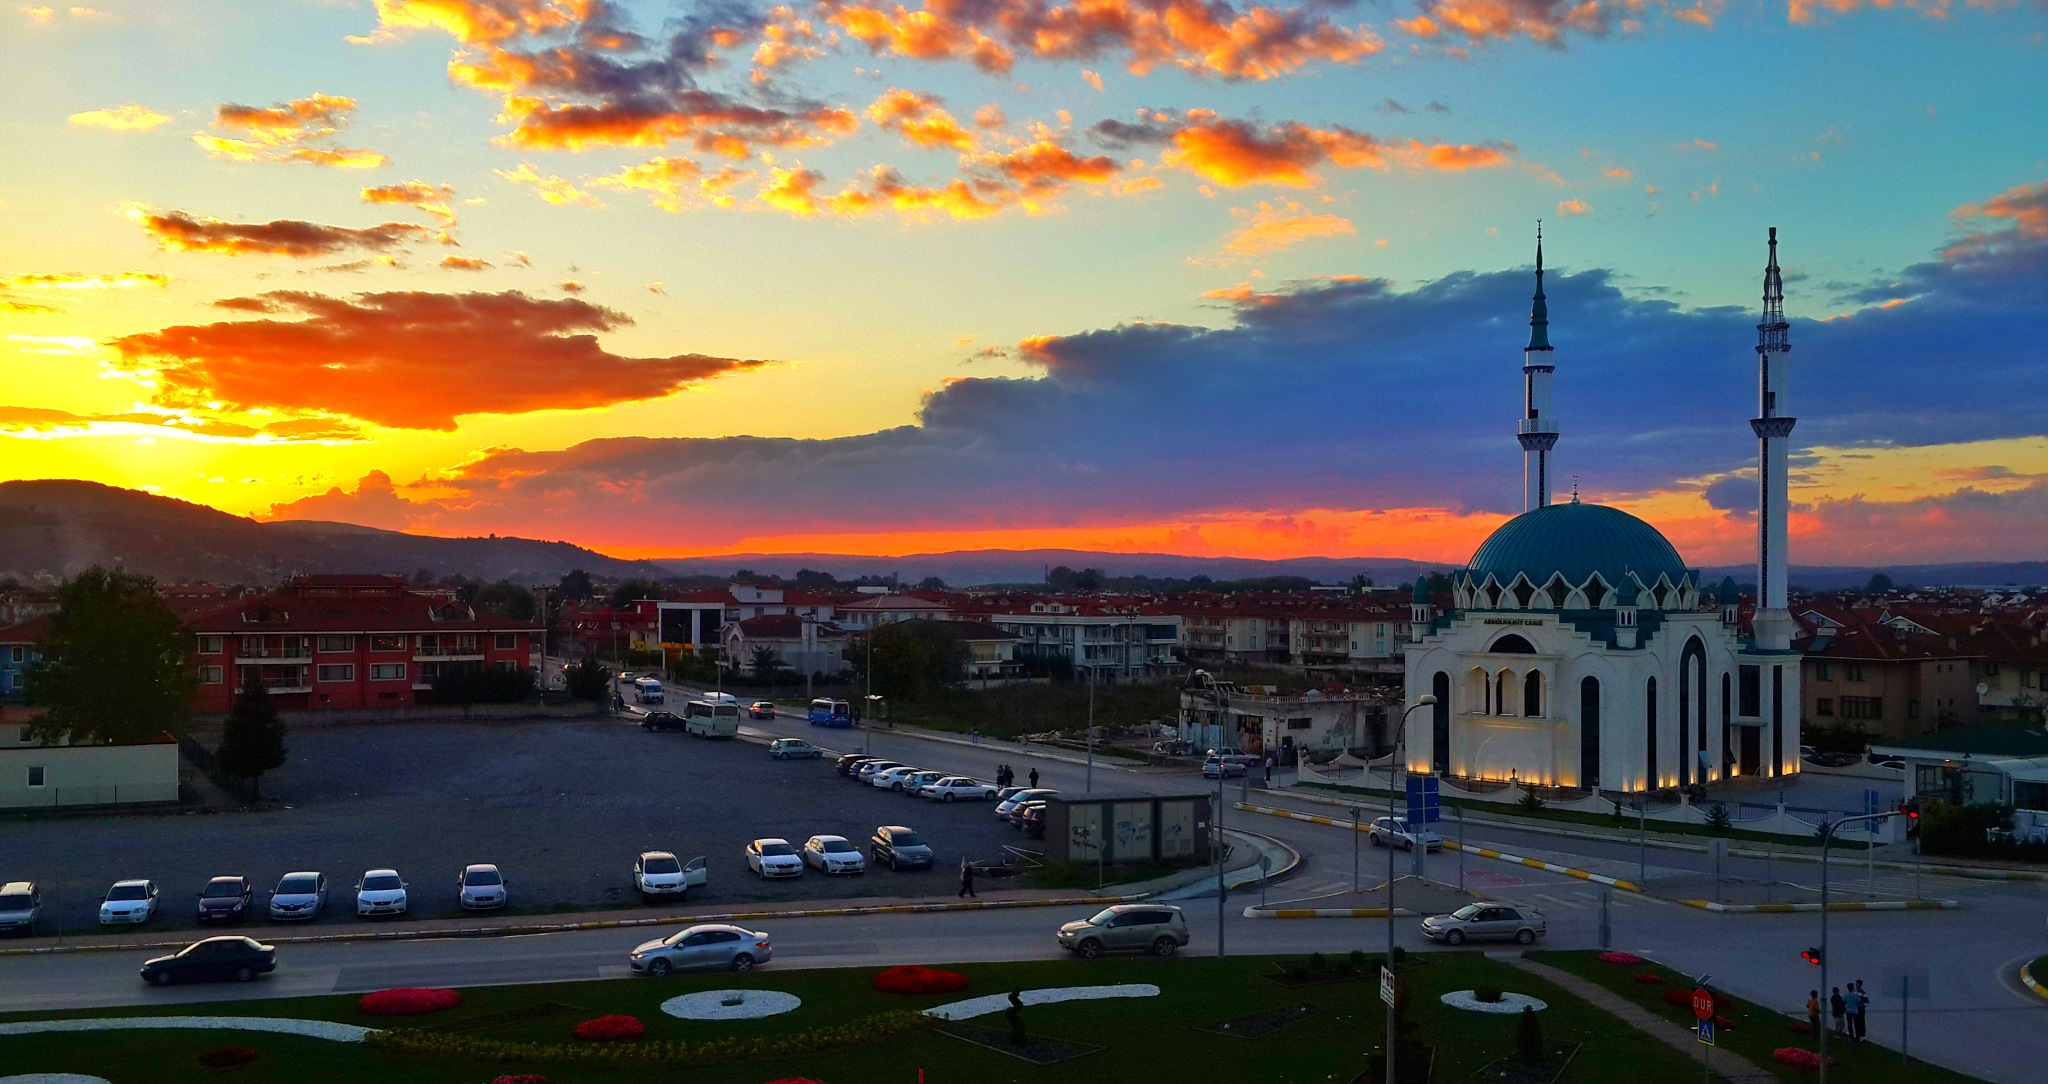 sunset by Abdullah Alani